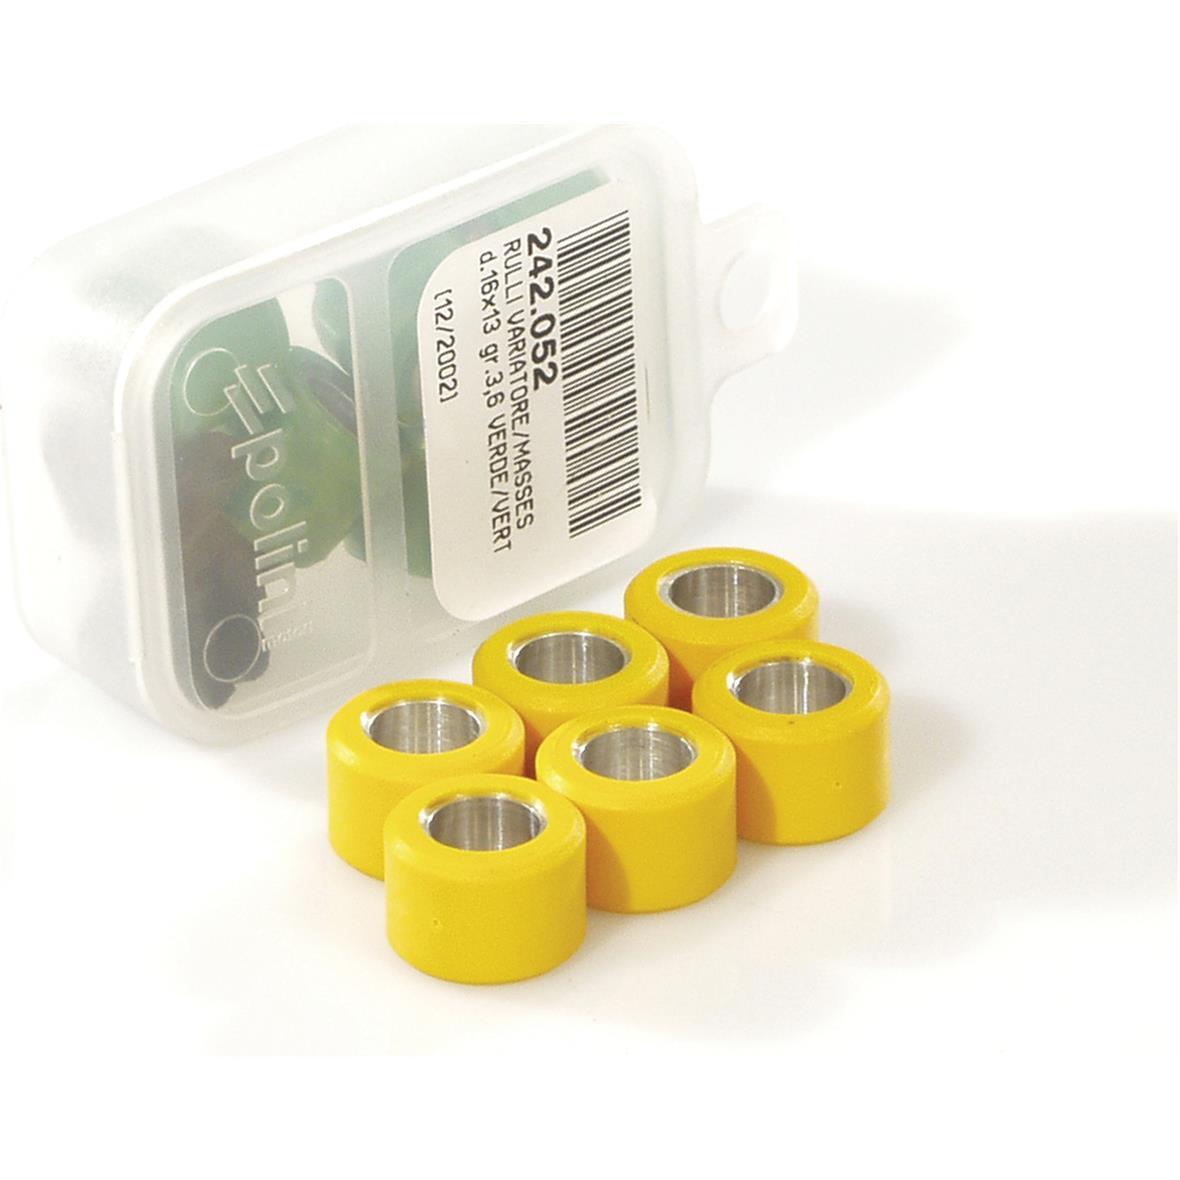 Image du produit 'Rouleaux de variateur POLINI 23x18 mm 21,9g'